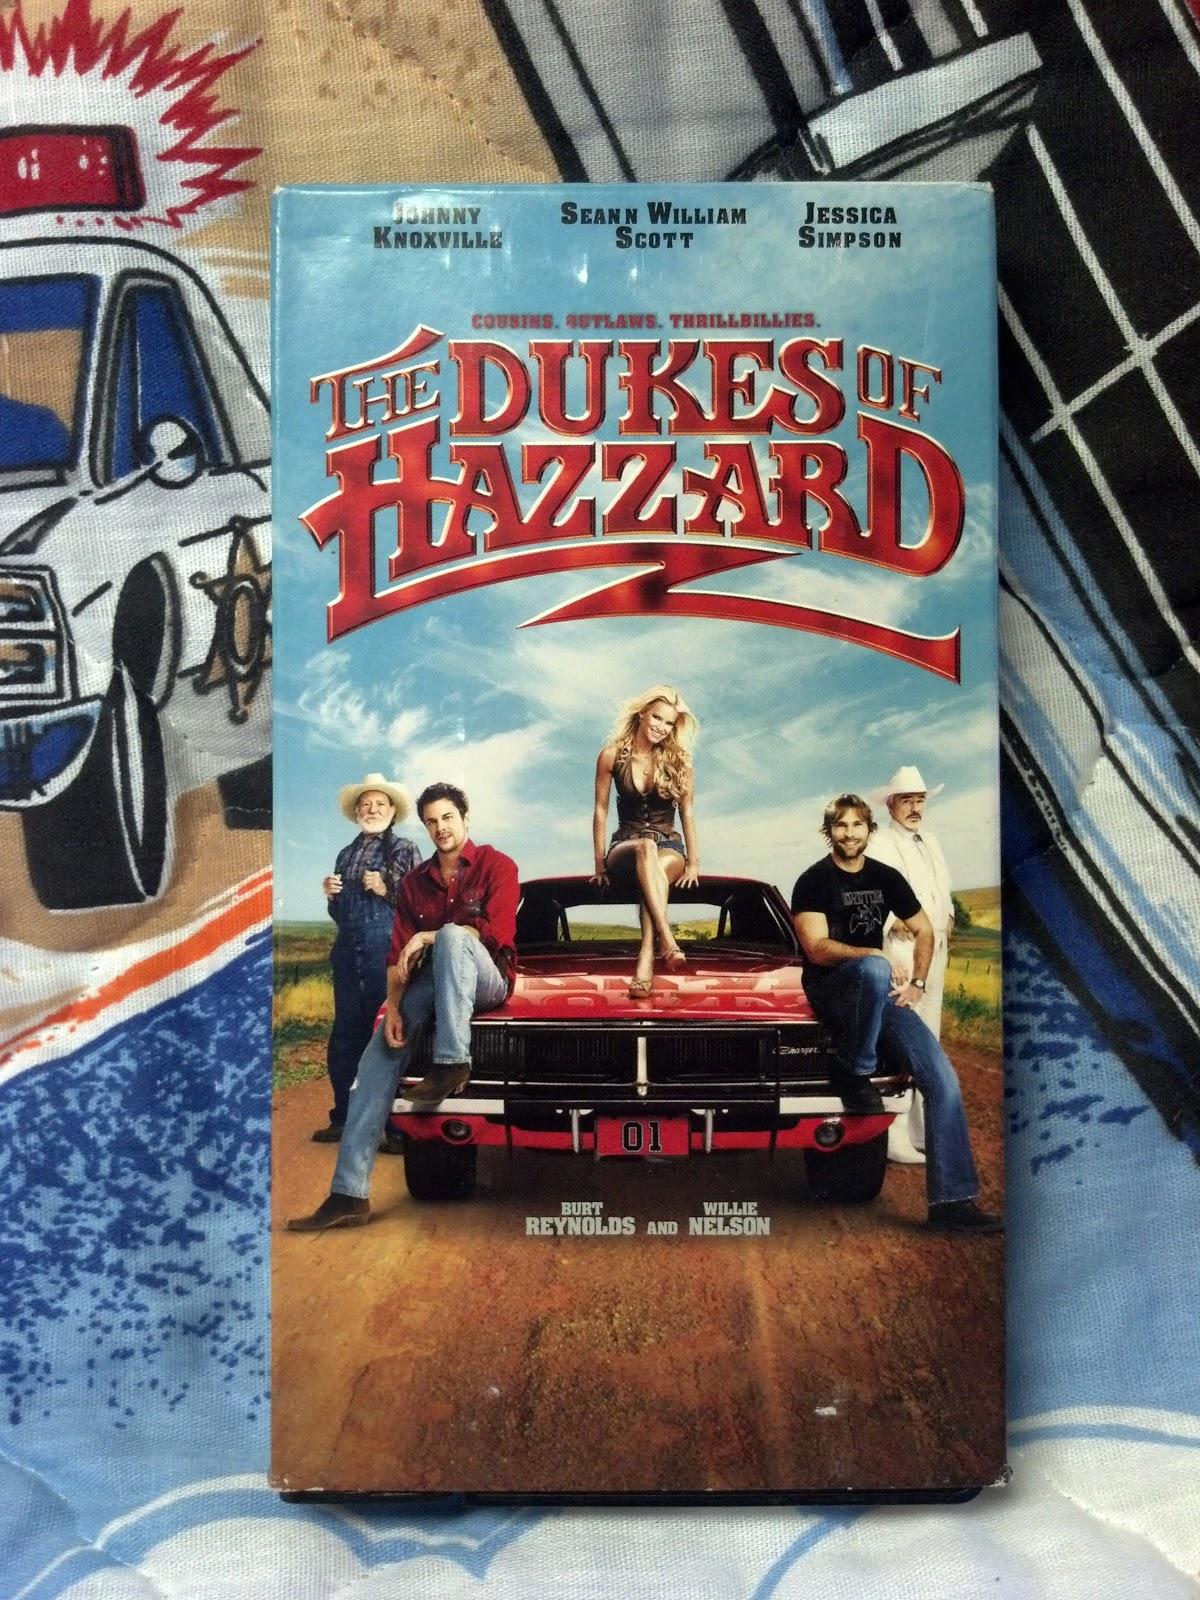 Dukes of hazzard movie